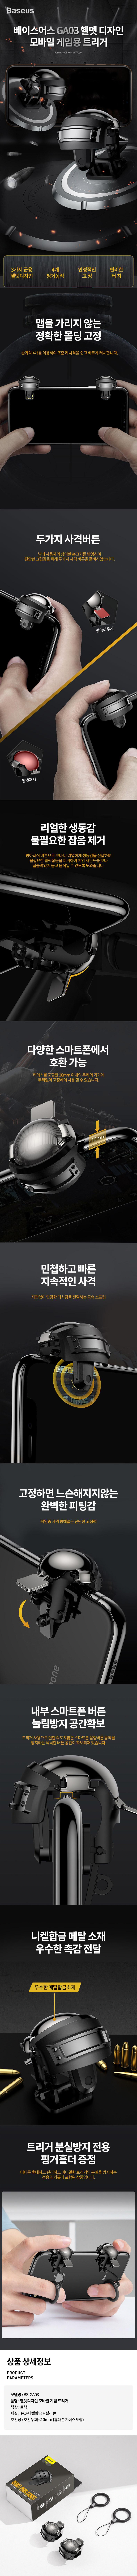 베이스어스 GA03 헬멧디자인 모바일게임 트리거 조이스틱 총게임 배틀게임 - 베이스어스, 14,200원, 게임기, 게임기 액세서리